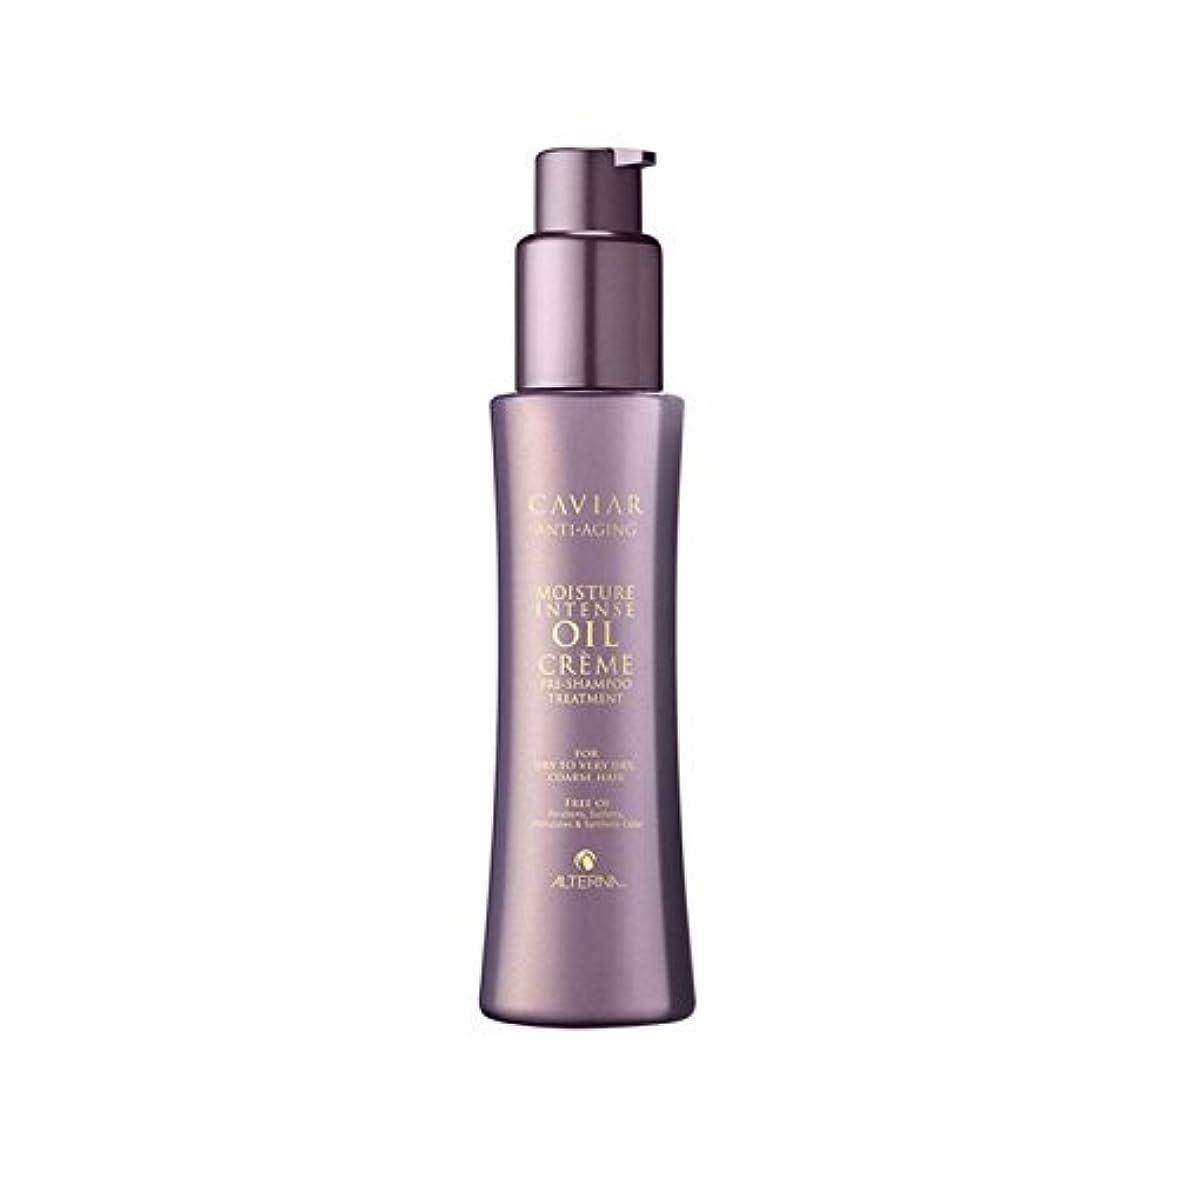 多様な昆虫堂々たるAlterna Caviar Moisture Intense Oil Cr?me Pre-Shampoo Treatment (125ml) (Pack of 6) - オルタナキャビア水分激しいオイルクリームシャンプー前処理(125ミリリットル) x6 [並行輸入品]